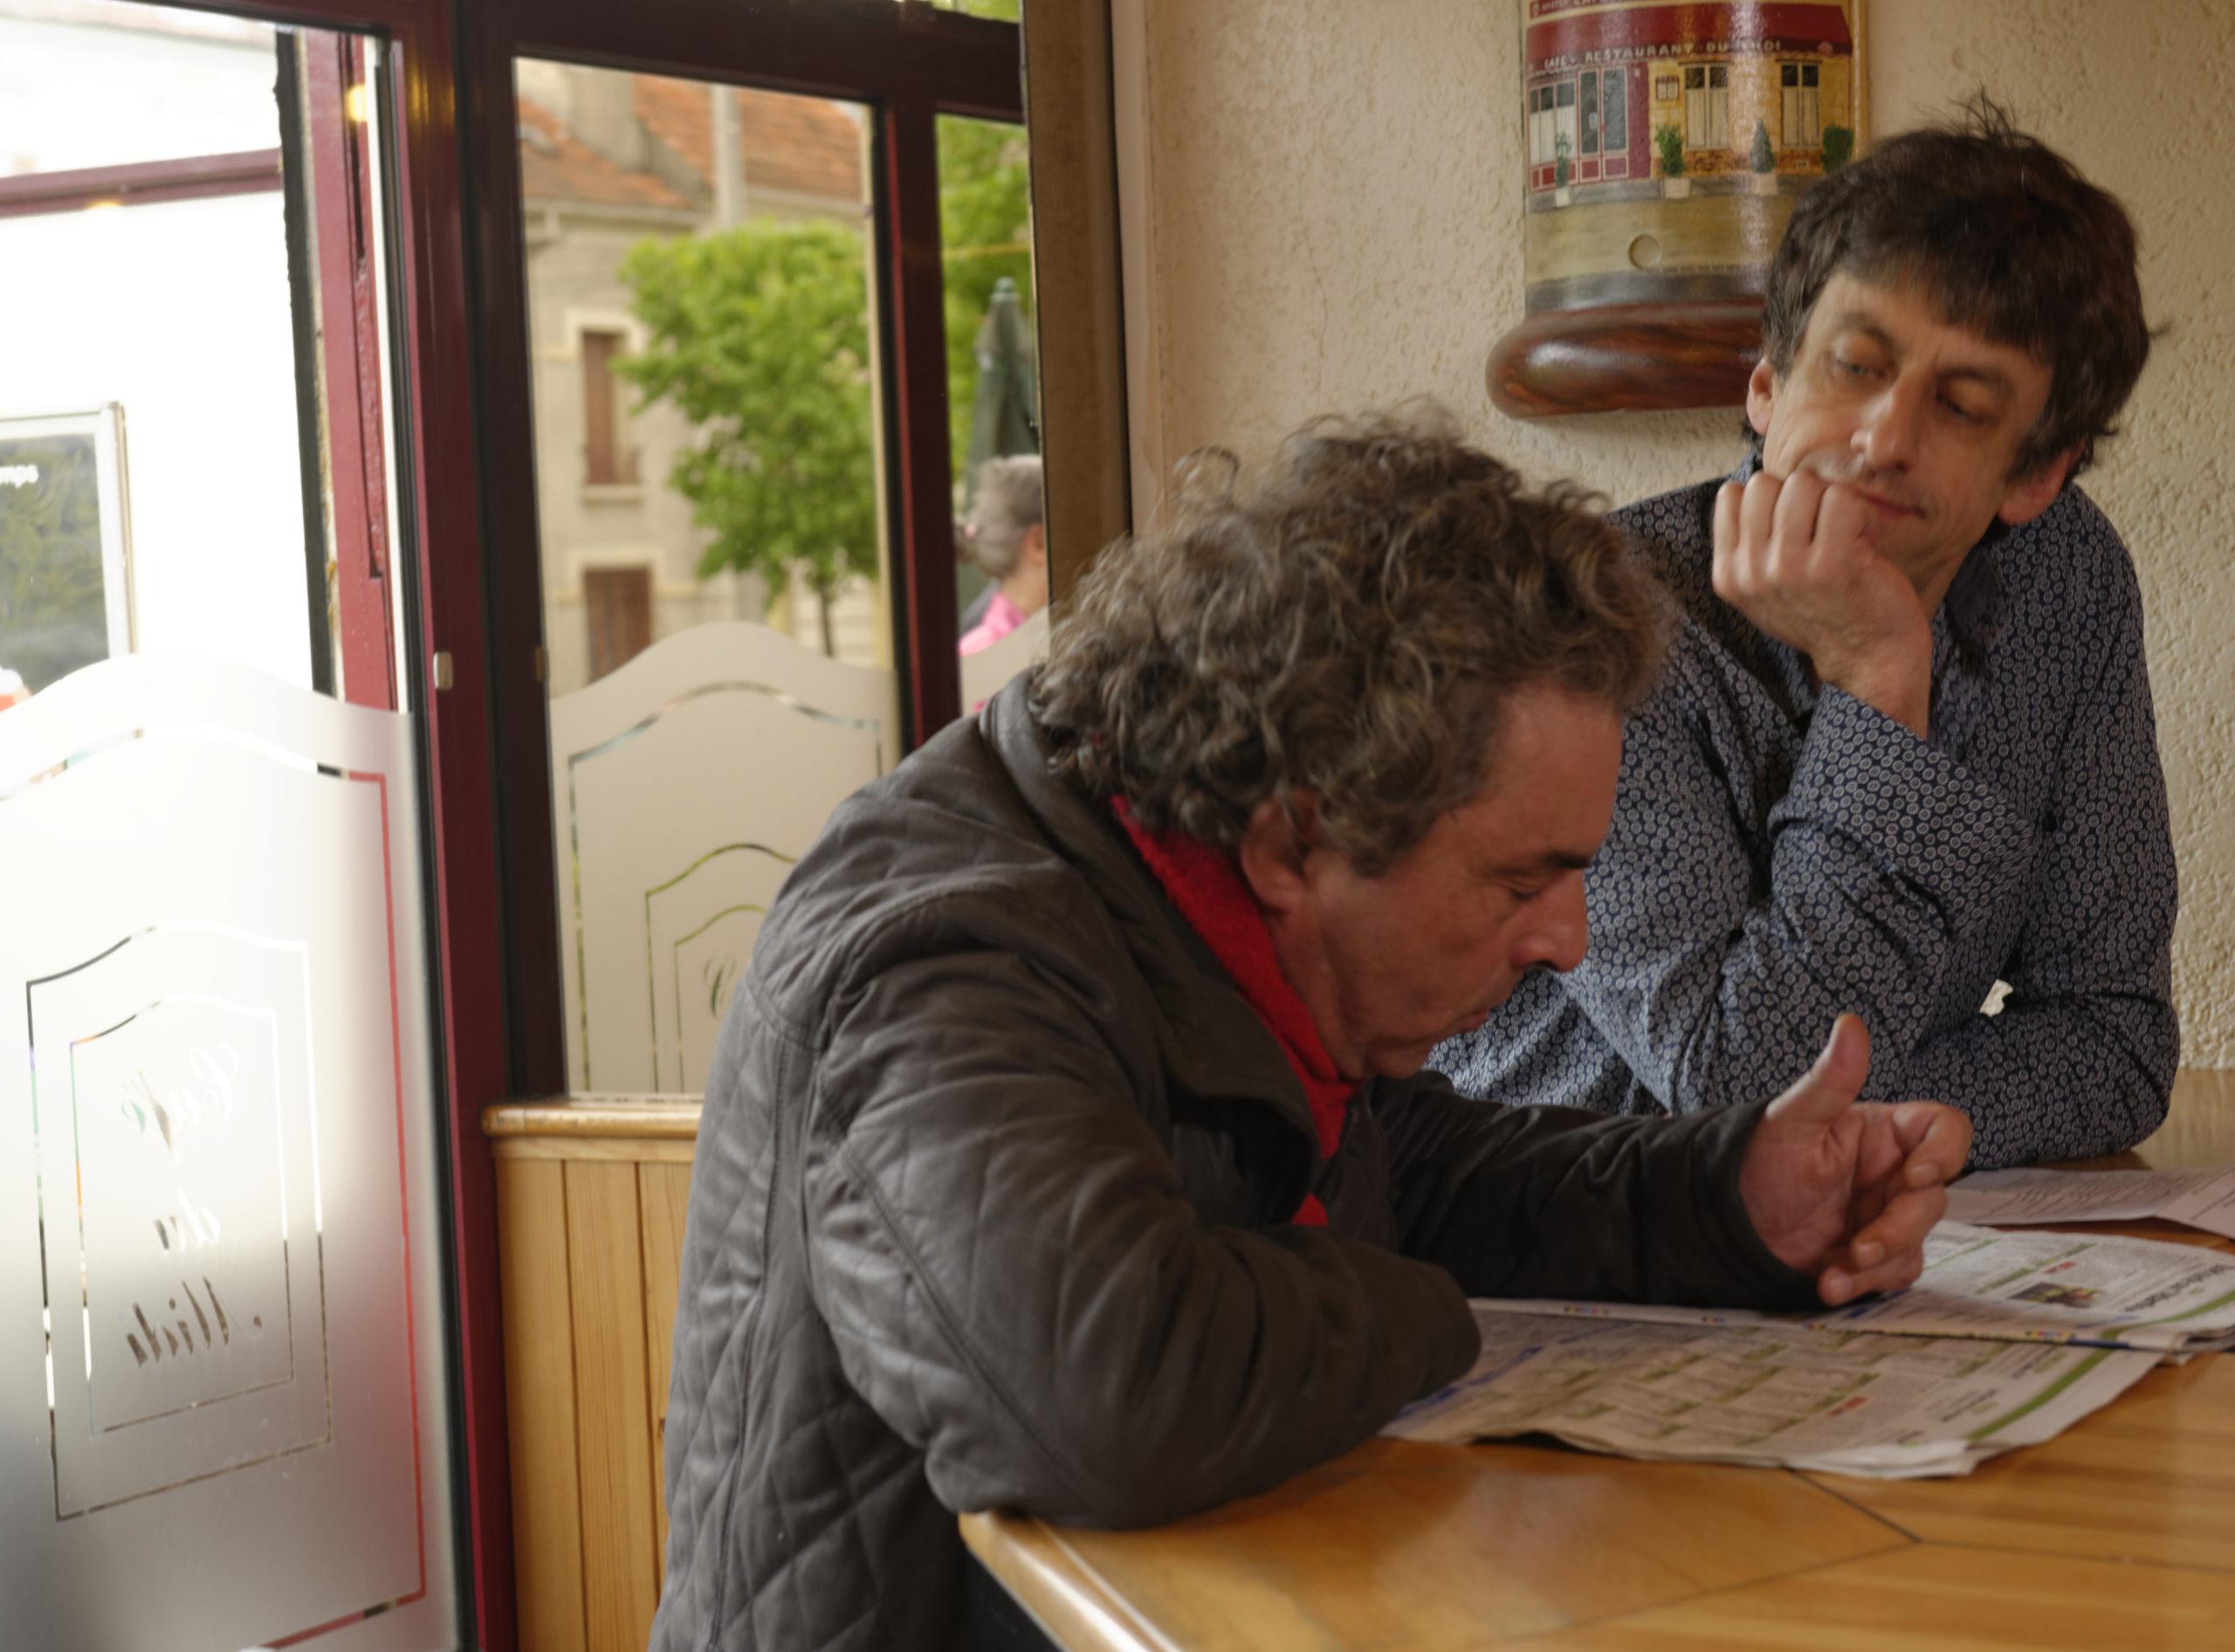 Pere et impair photos tournage 42